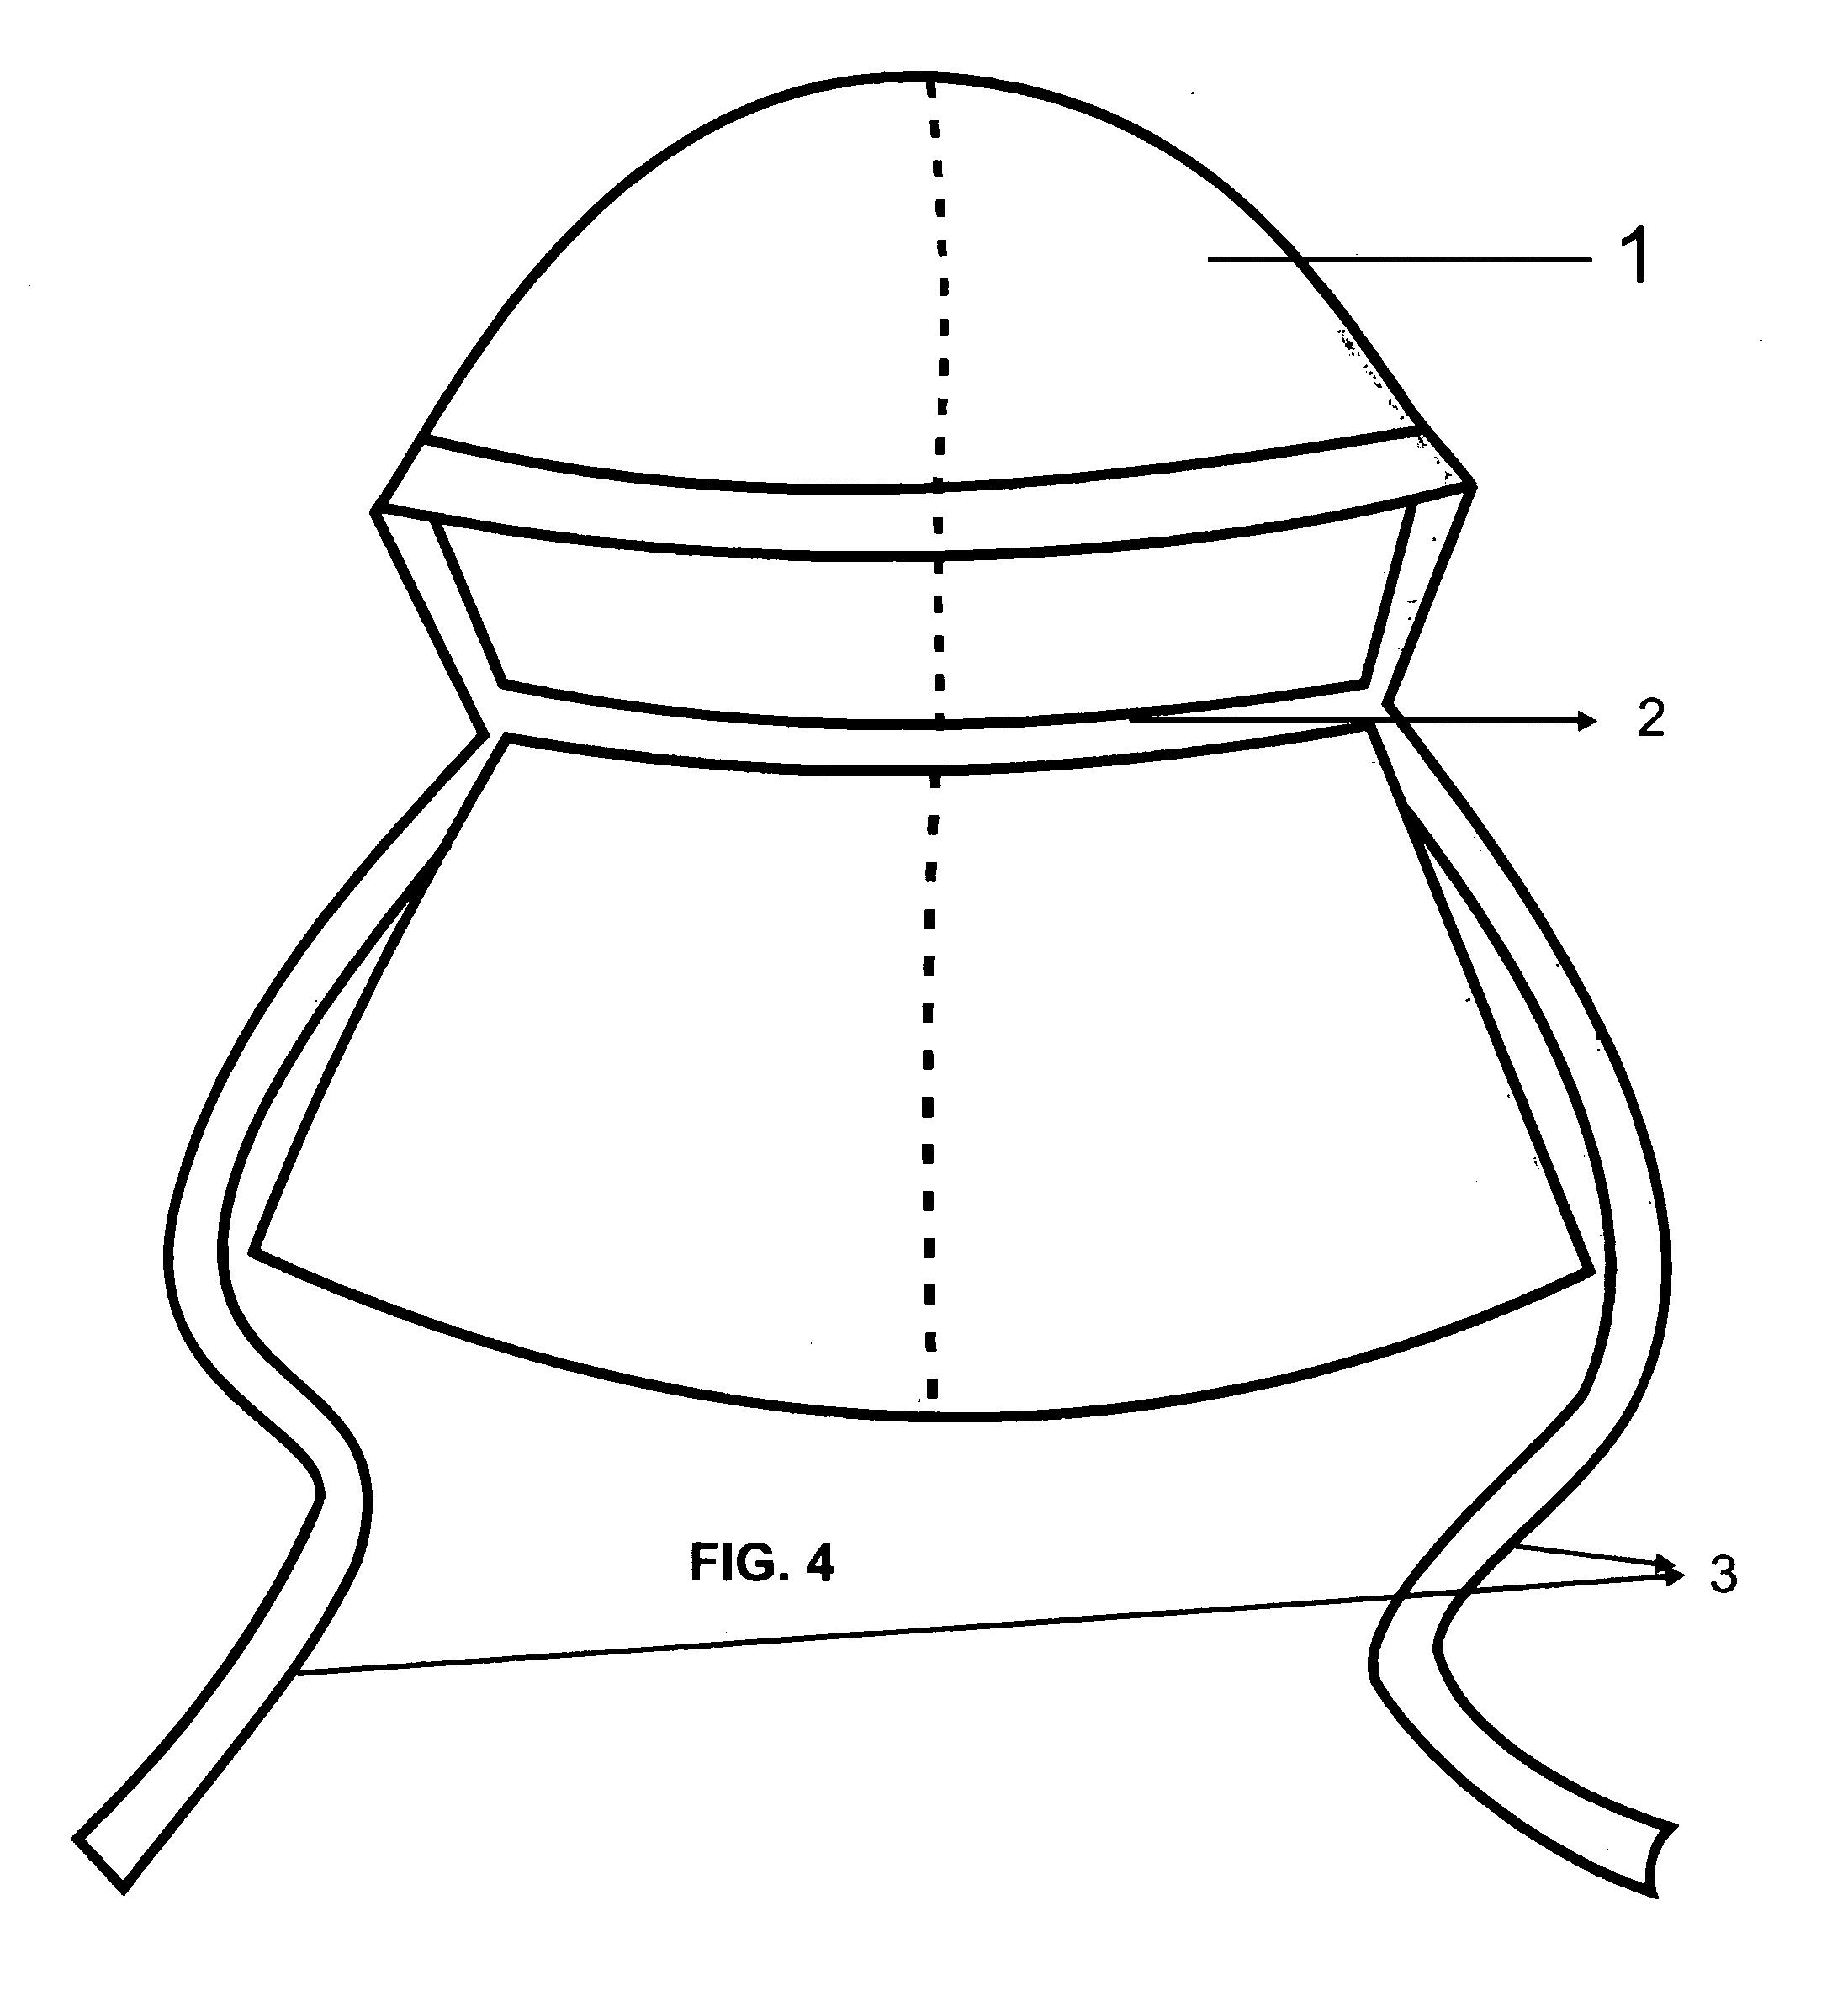 Patentimages storage apis us20110247126a1 us20110247126a1 20111013 d00004